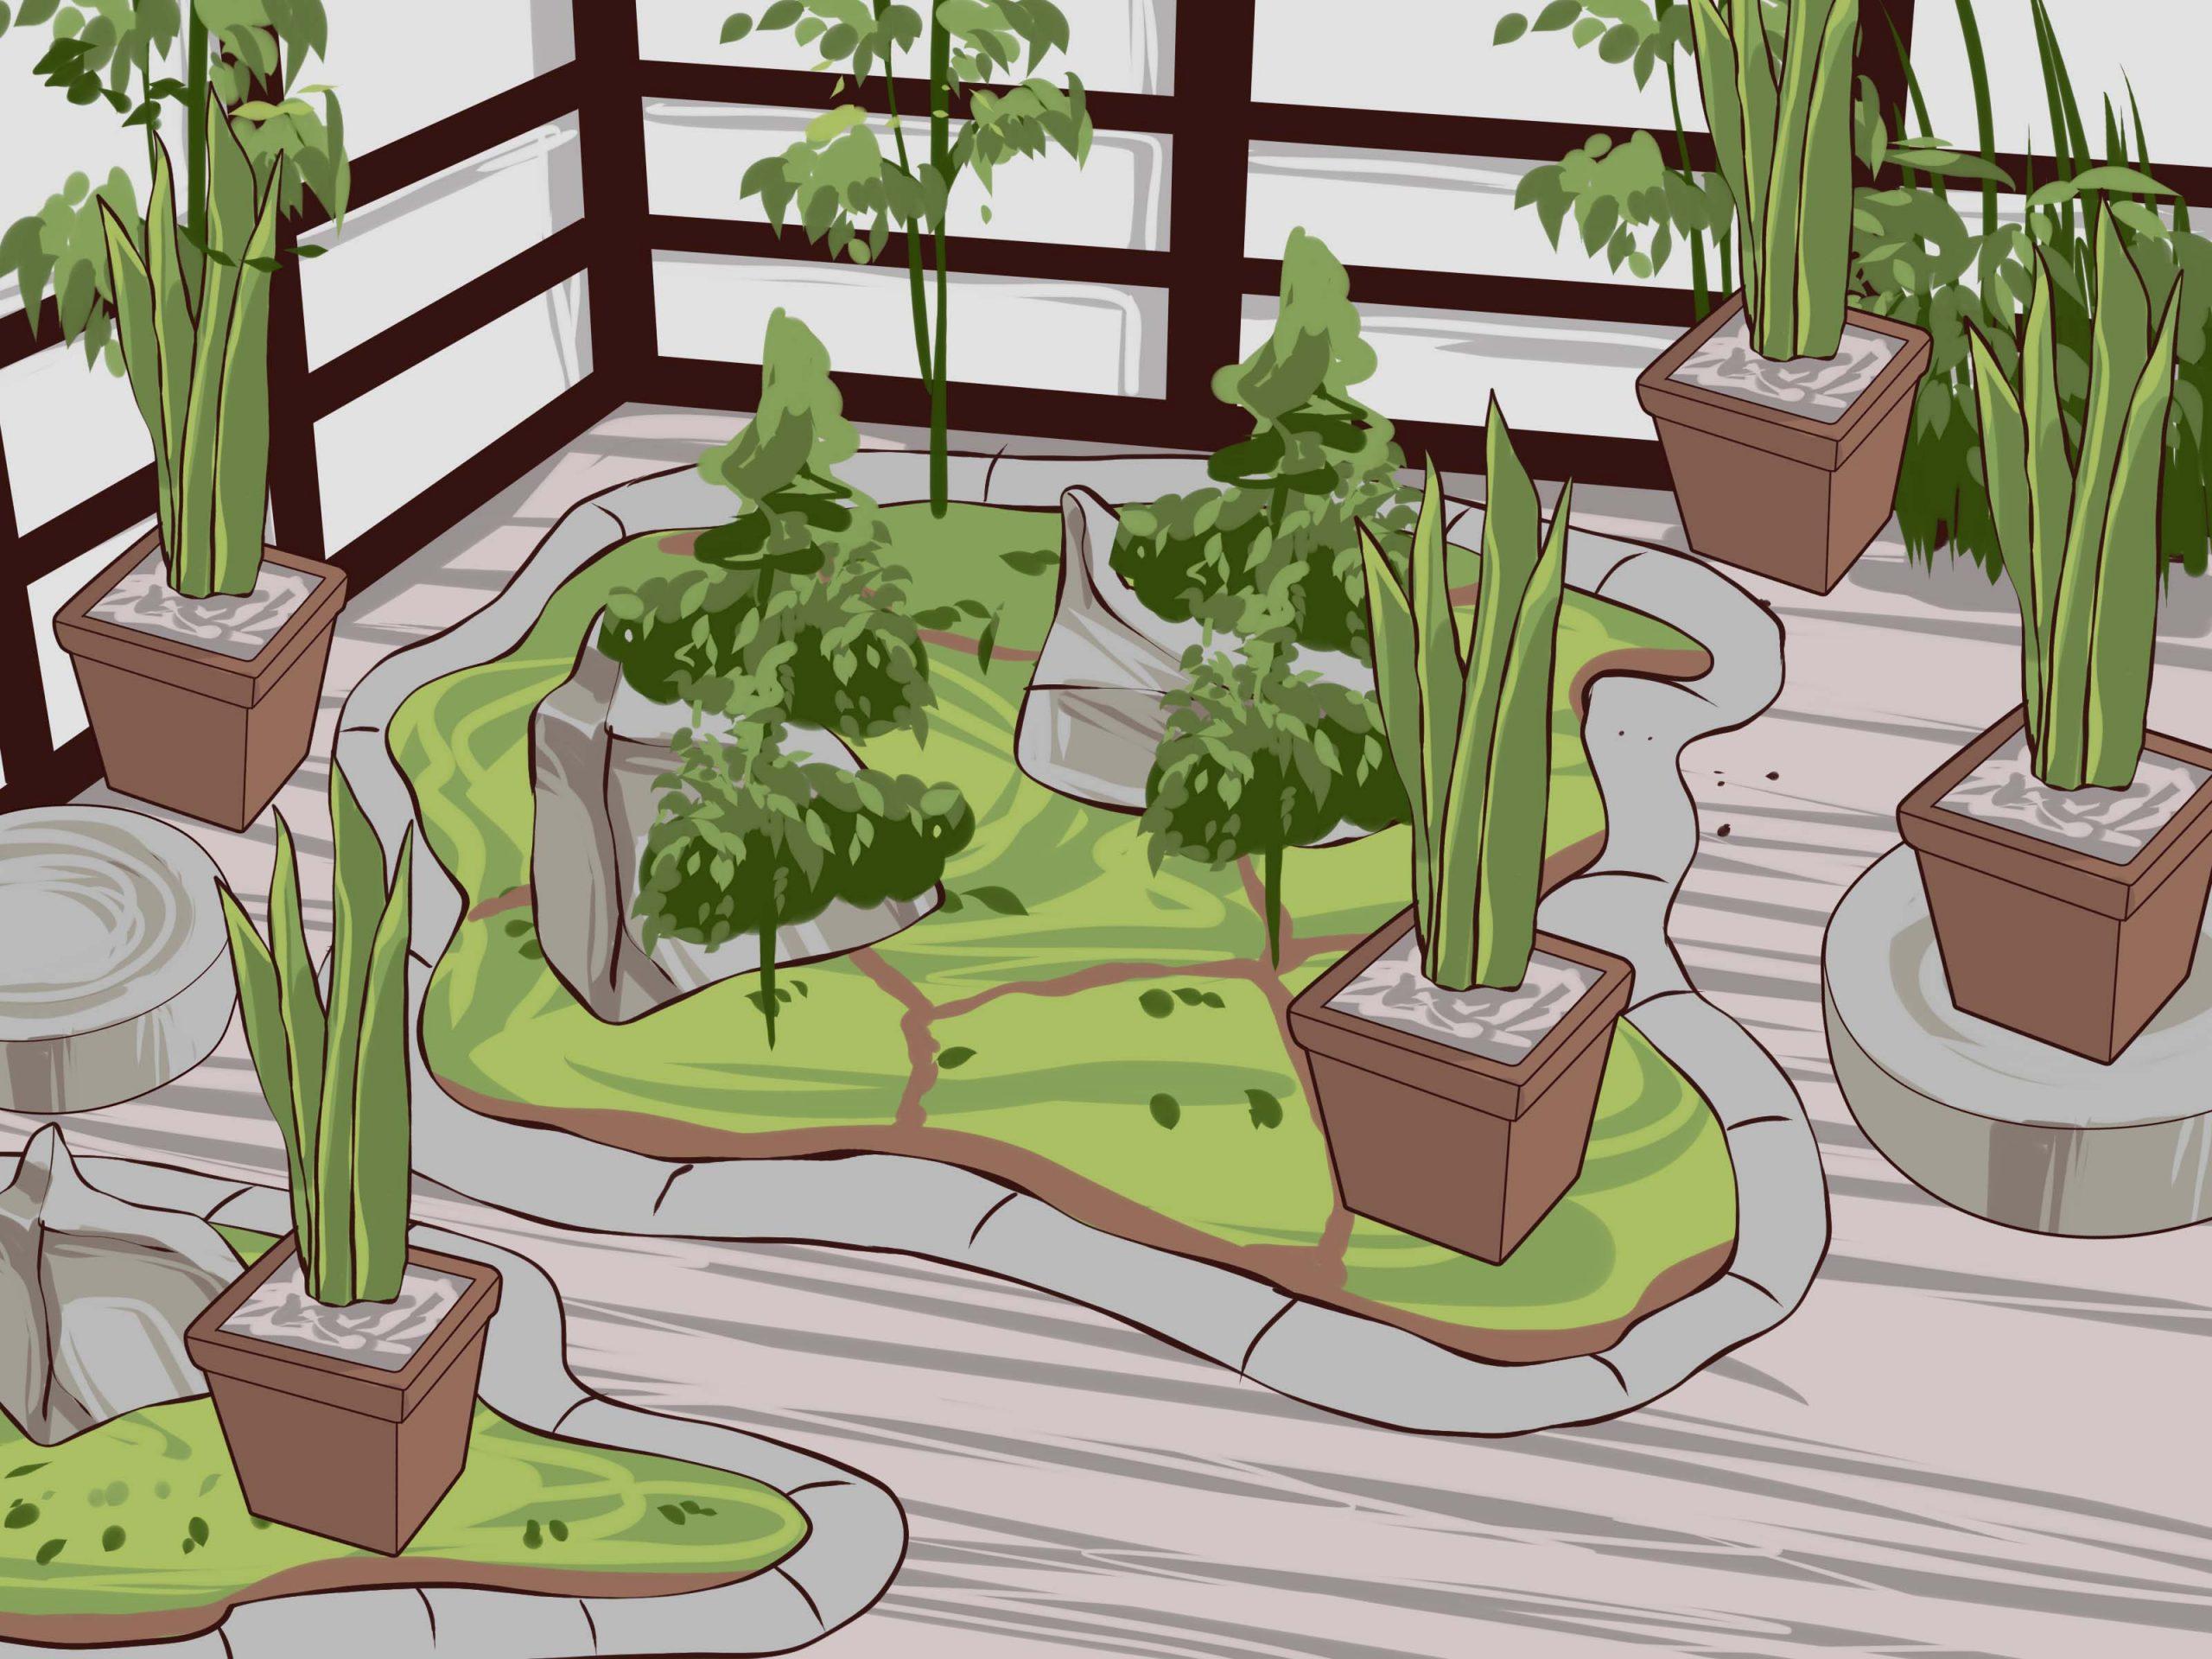 4 Manières De Construire Un Jardin Japonais - Wikihow intérieur Construction Jardin Japonais